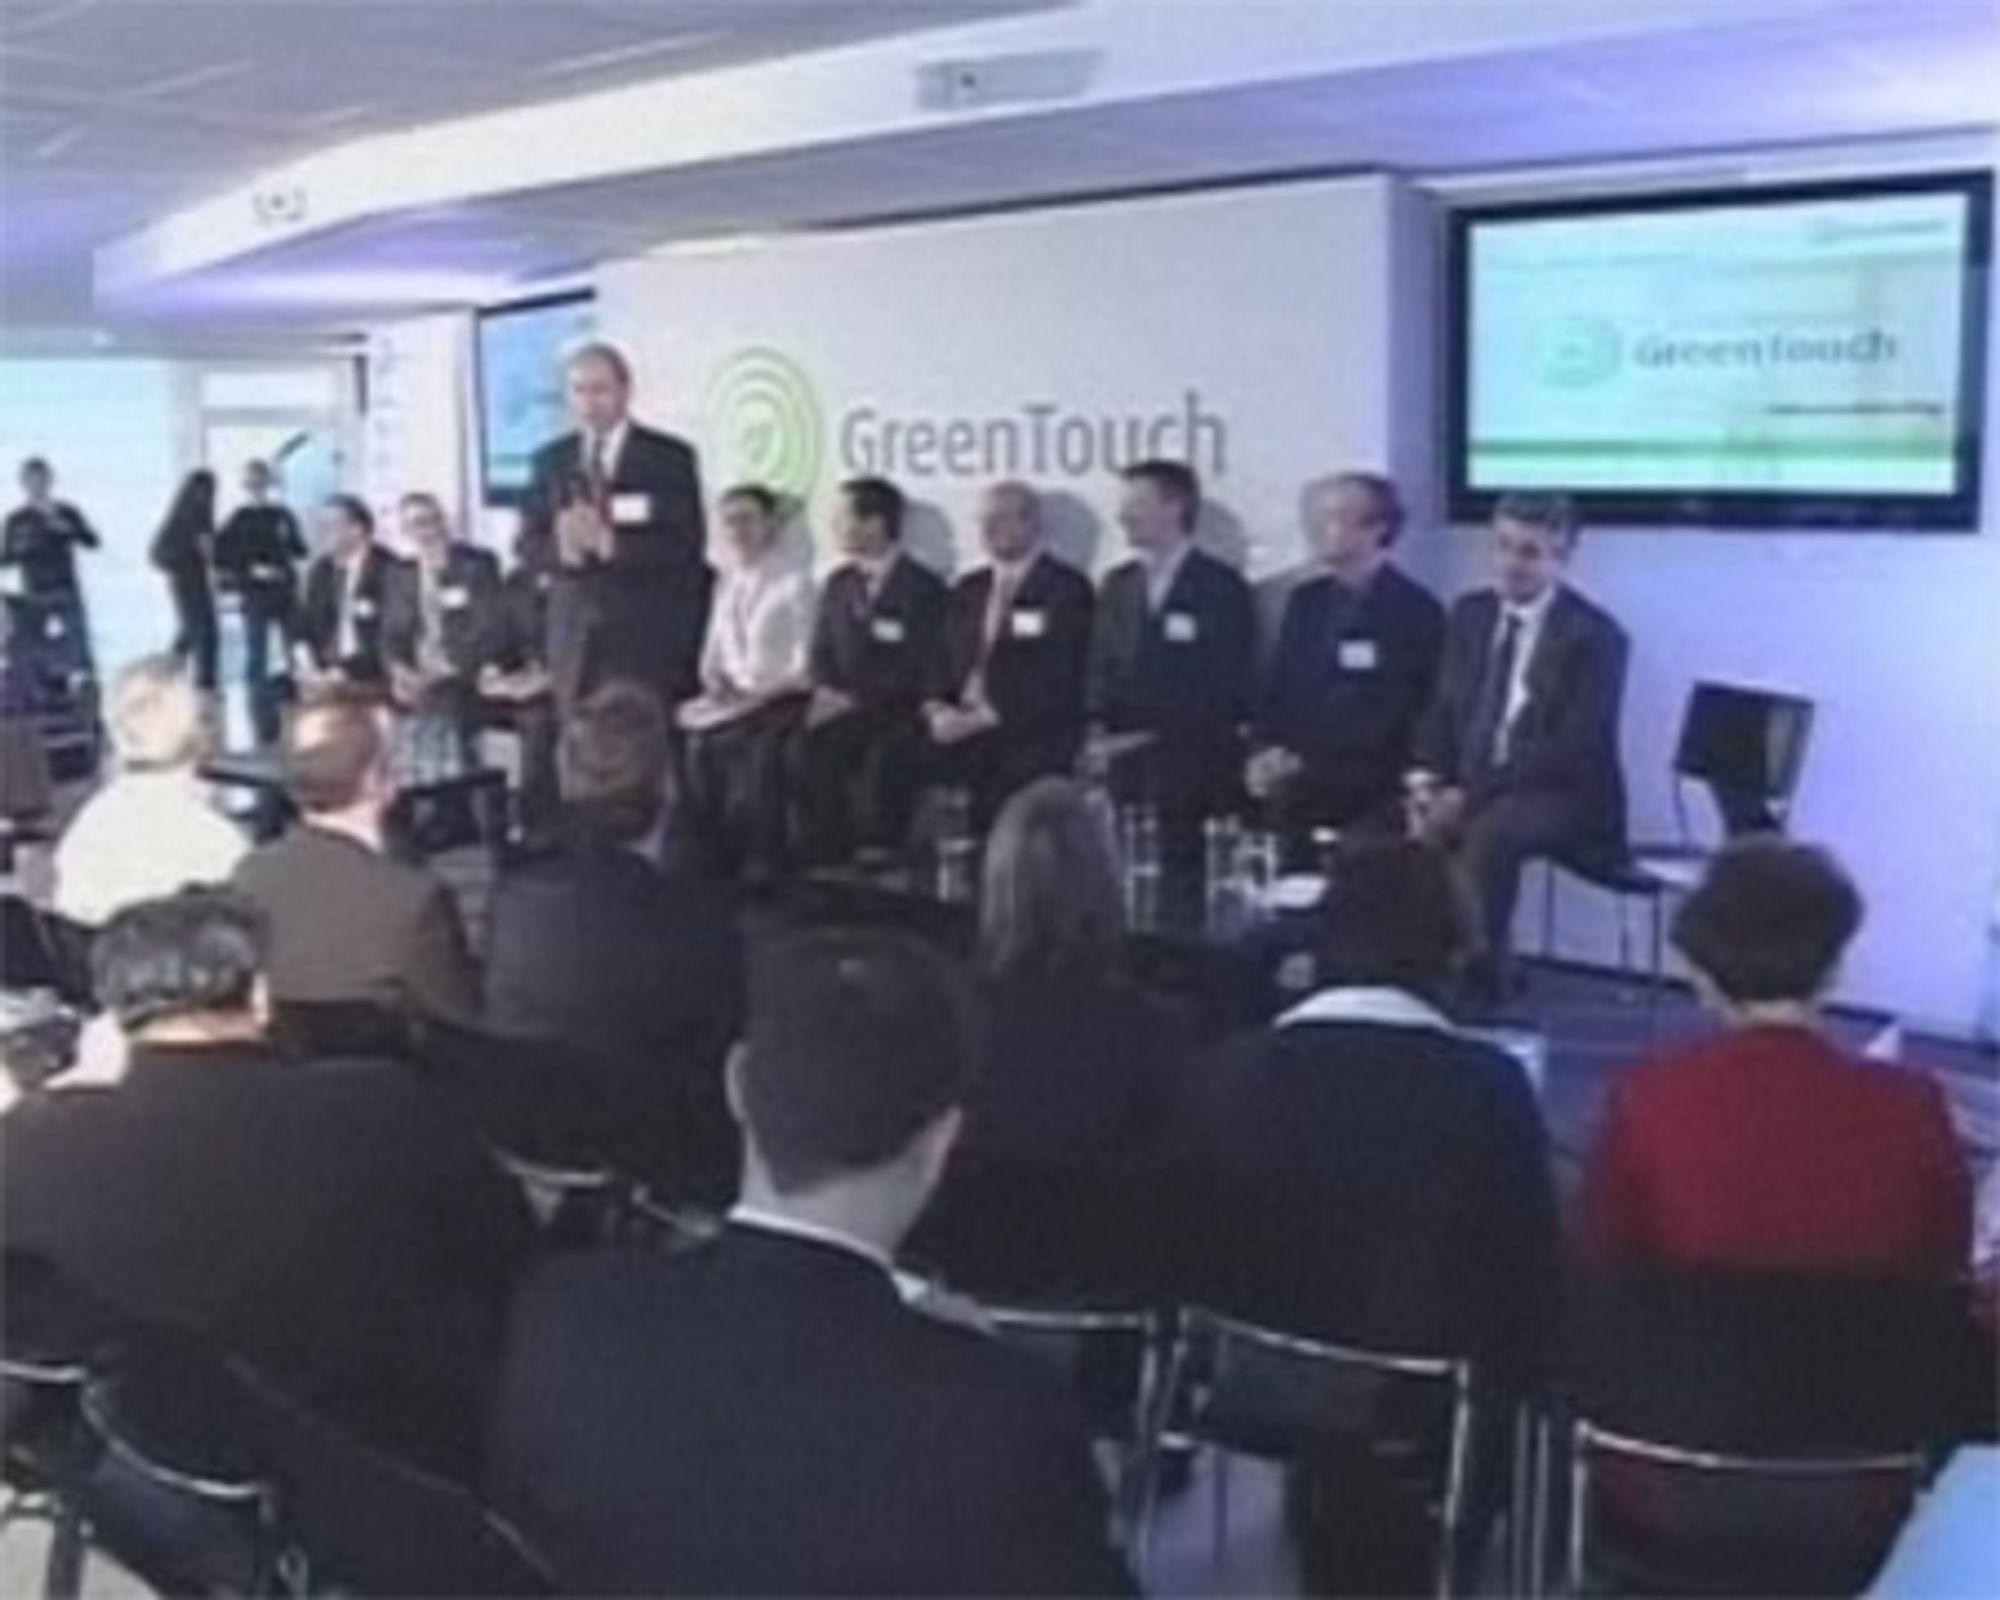 Fra lanseringen av Green Touch. Foran står Ben Verwaayen, toppsjef i Alcatel-Lucent.